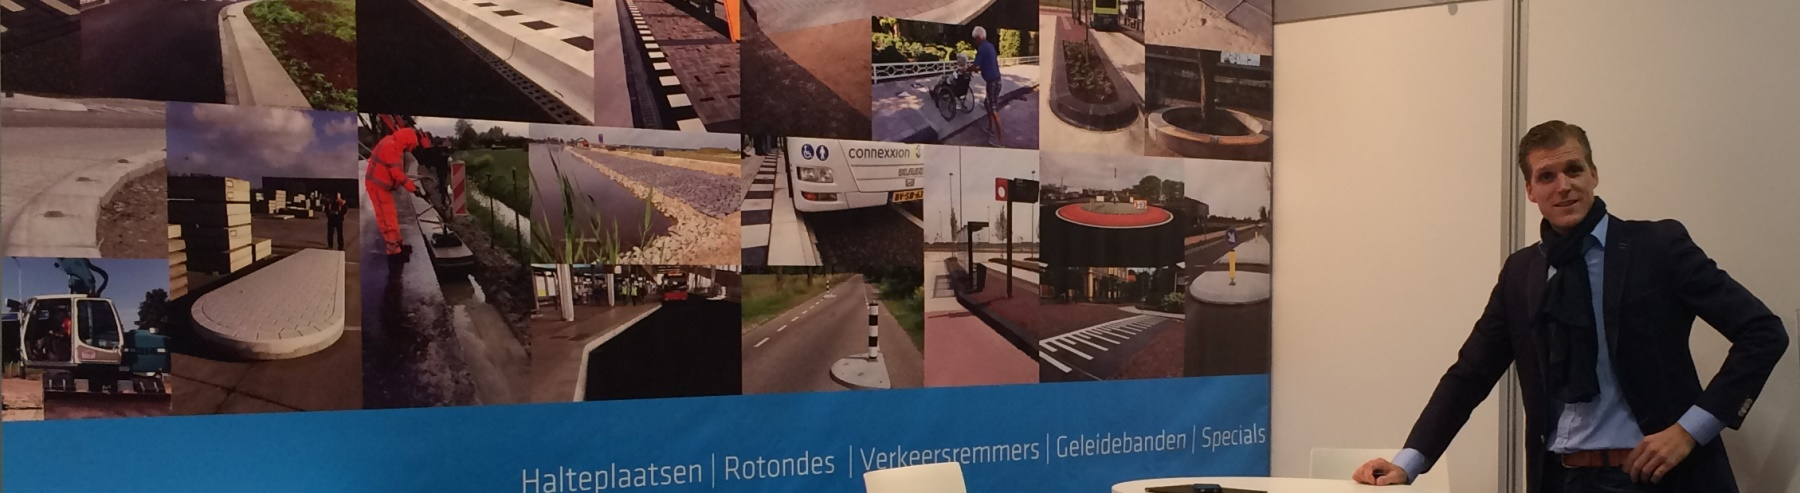 Welkom in Maastricht